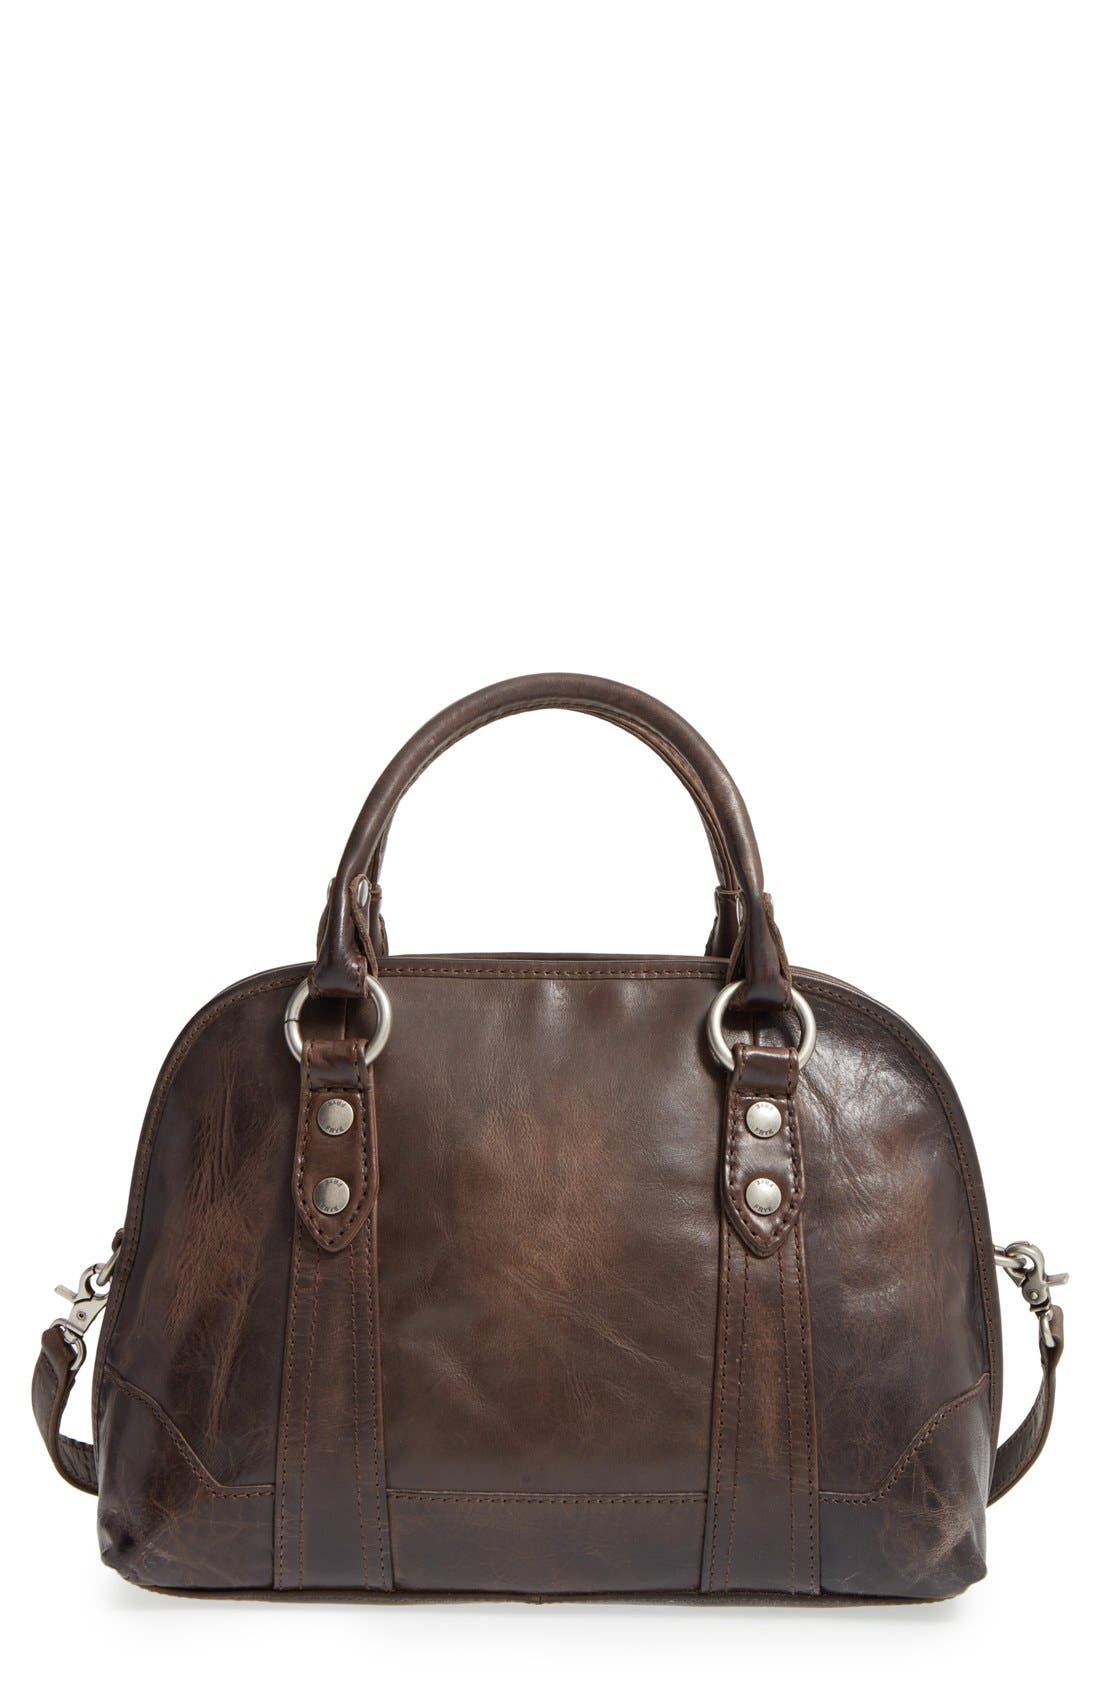 FRYE Melissa Domed Leather Satchel